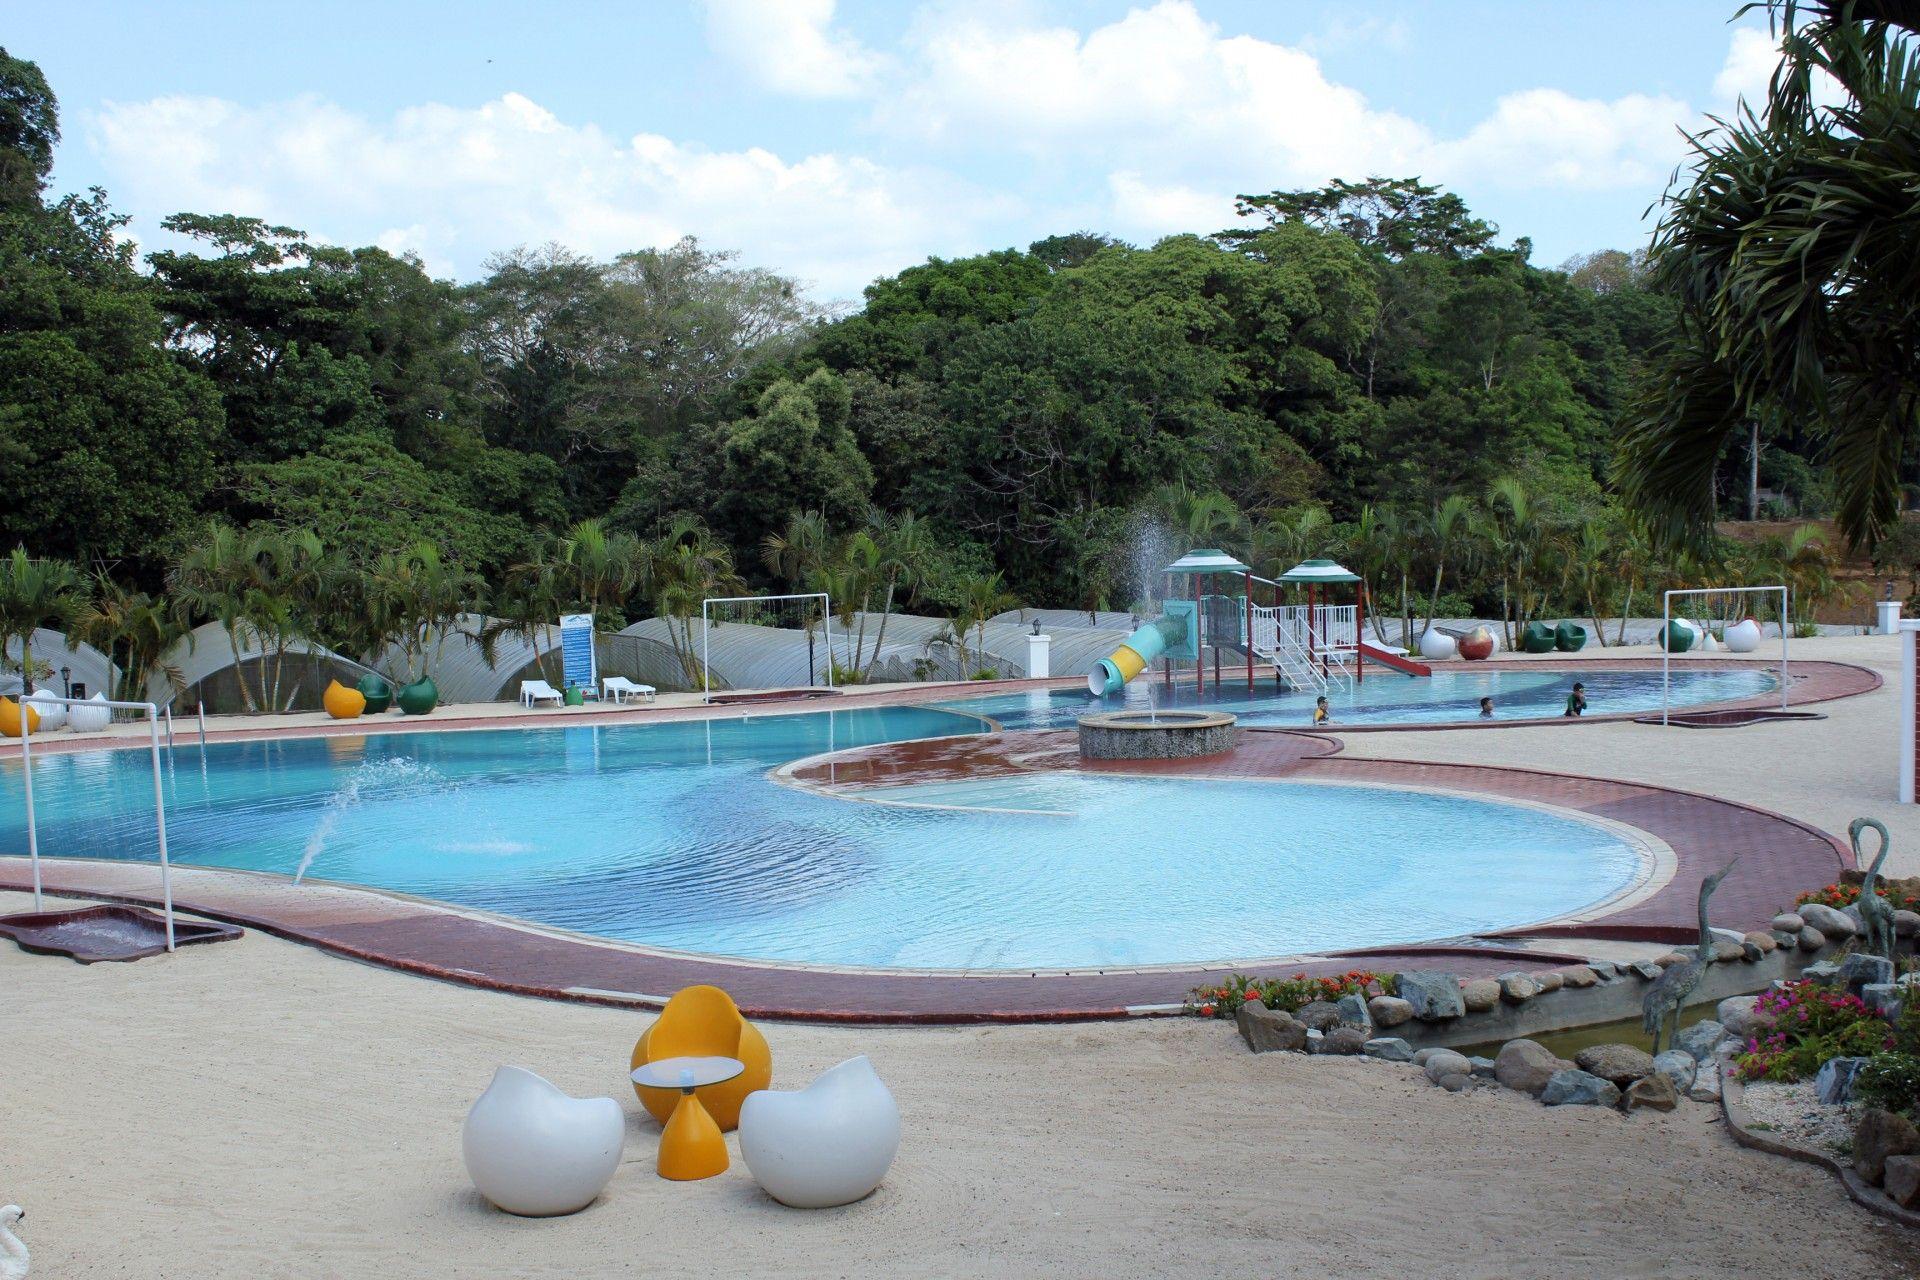 Vegas Hotel Swimming Pool Wallpaper Download Free Hd Size Hotel Swimming Pool Swimming Pools Pool Download wallpaper swimming pool on